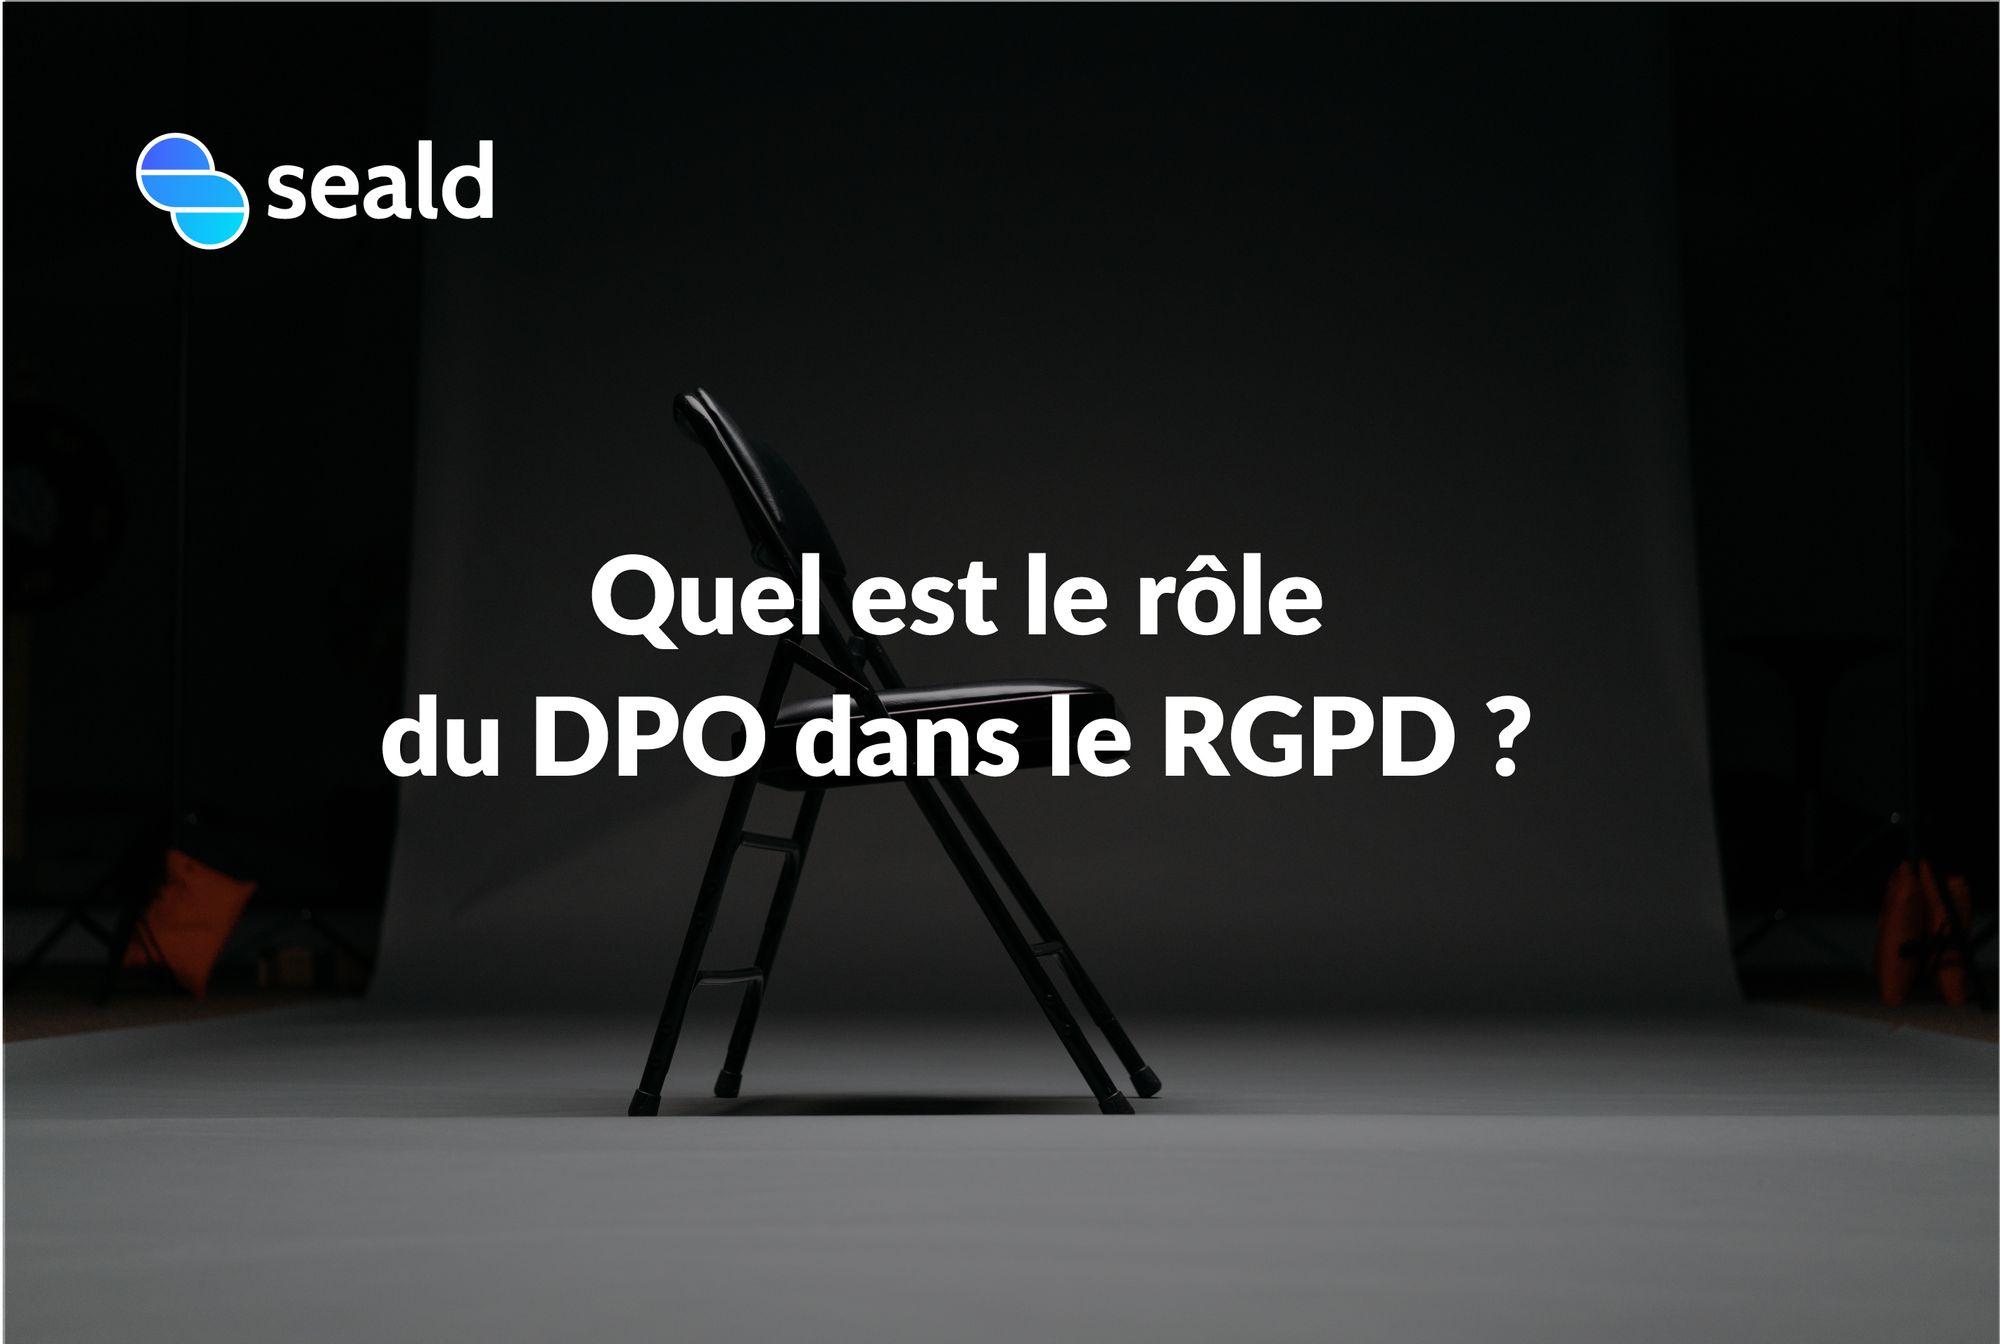 DPO et RGPD : quel rôle pour le DPO ?